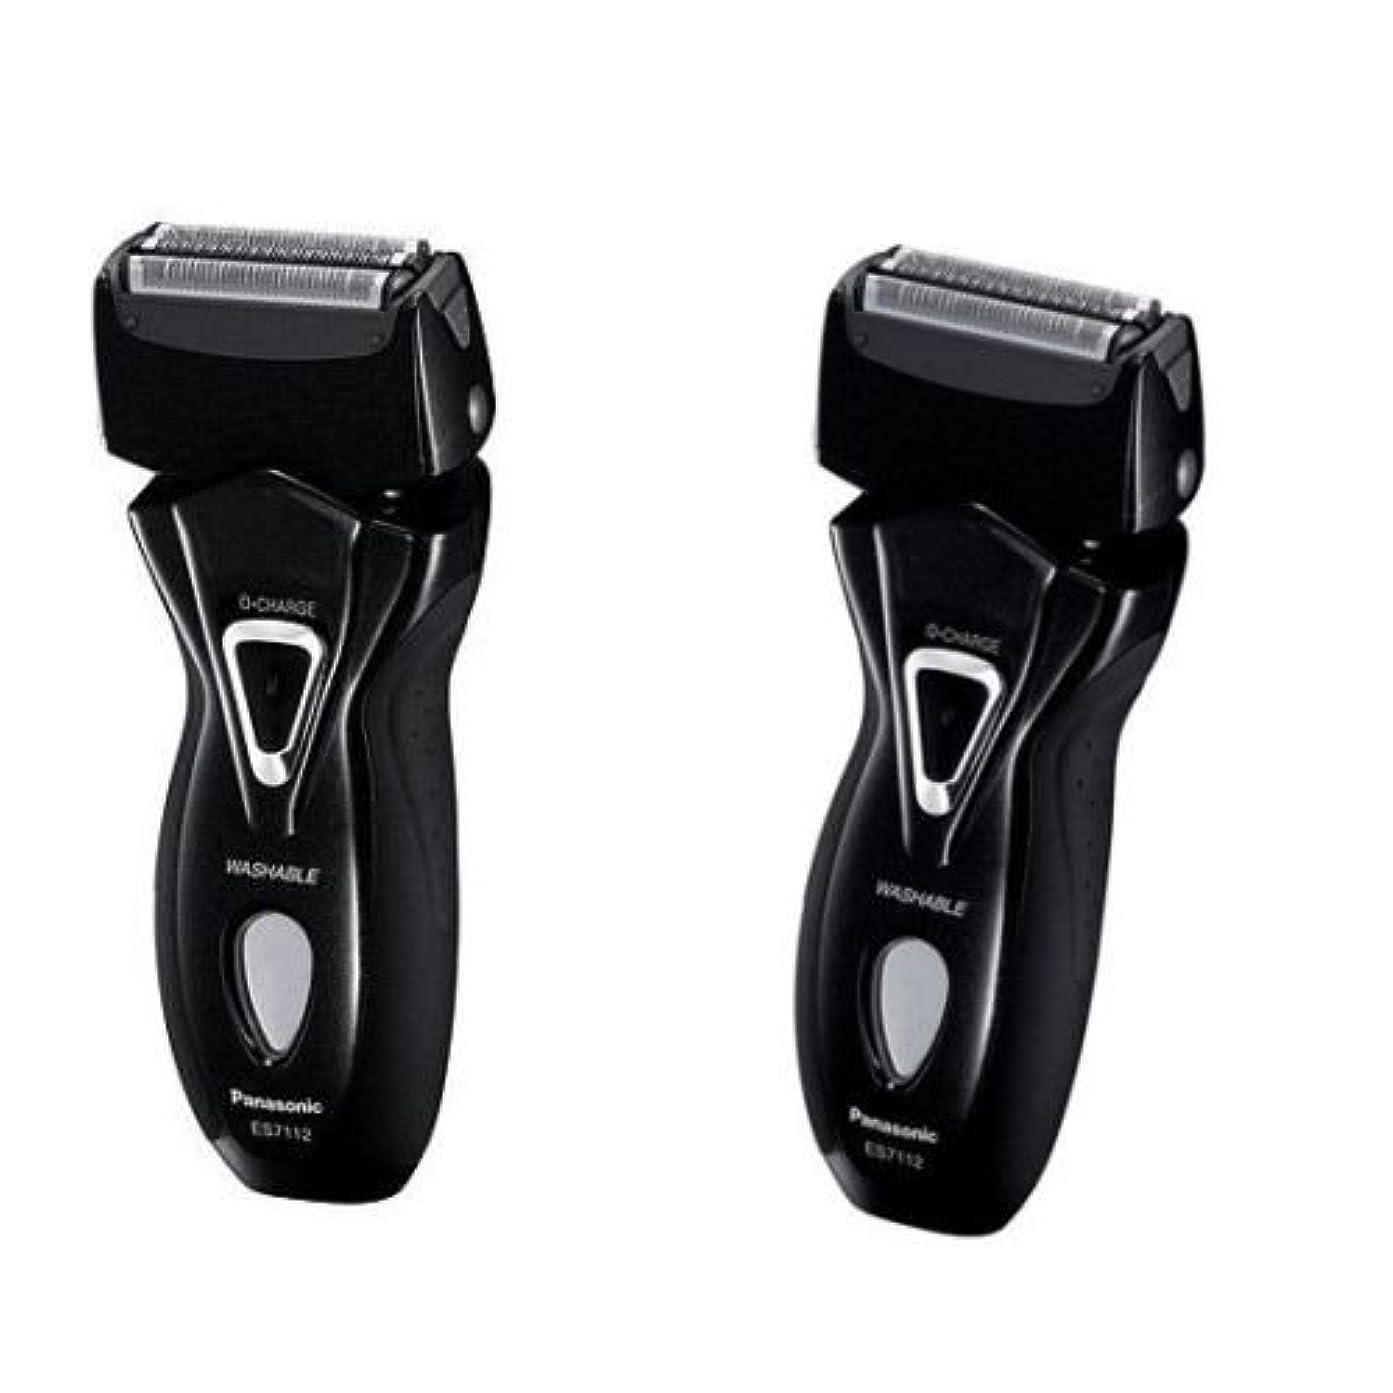 誤解させる達成中間Panasonic ES-7112 メンズシェーバーRAMのダッシュ3剃る100-240V ES7112 /純正 [並行輸入品]